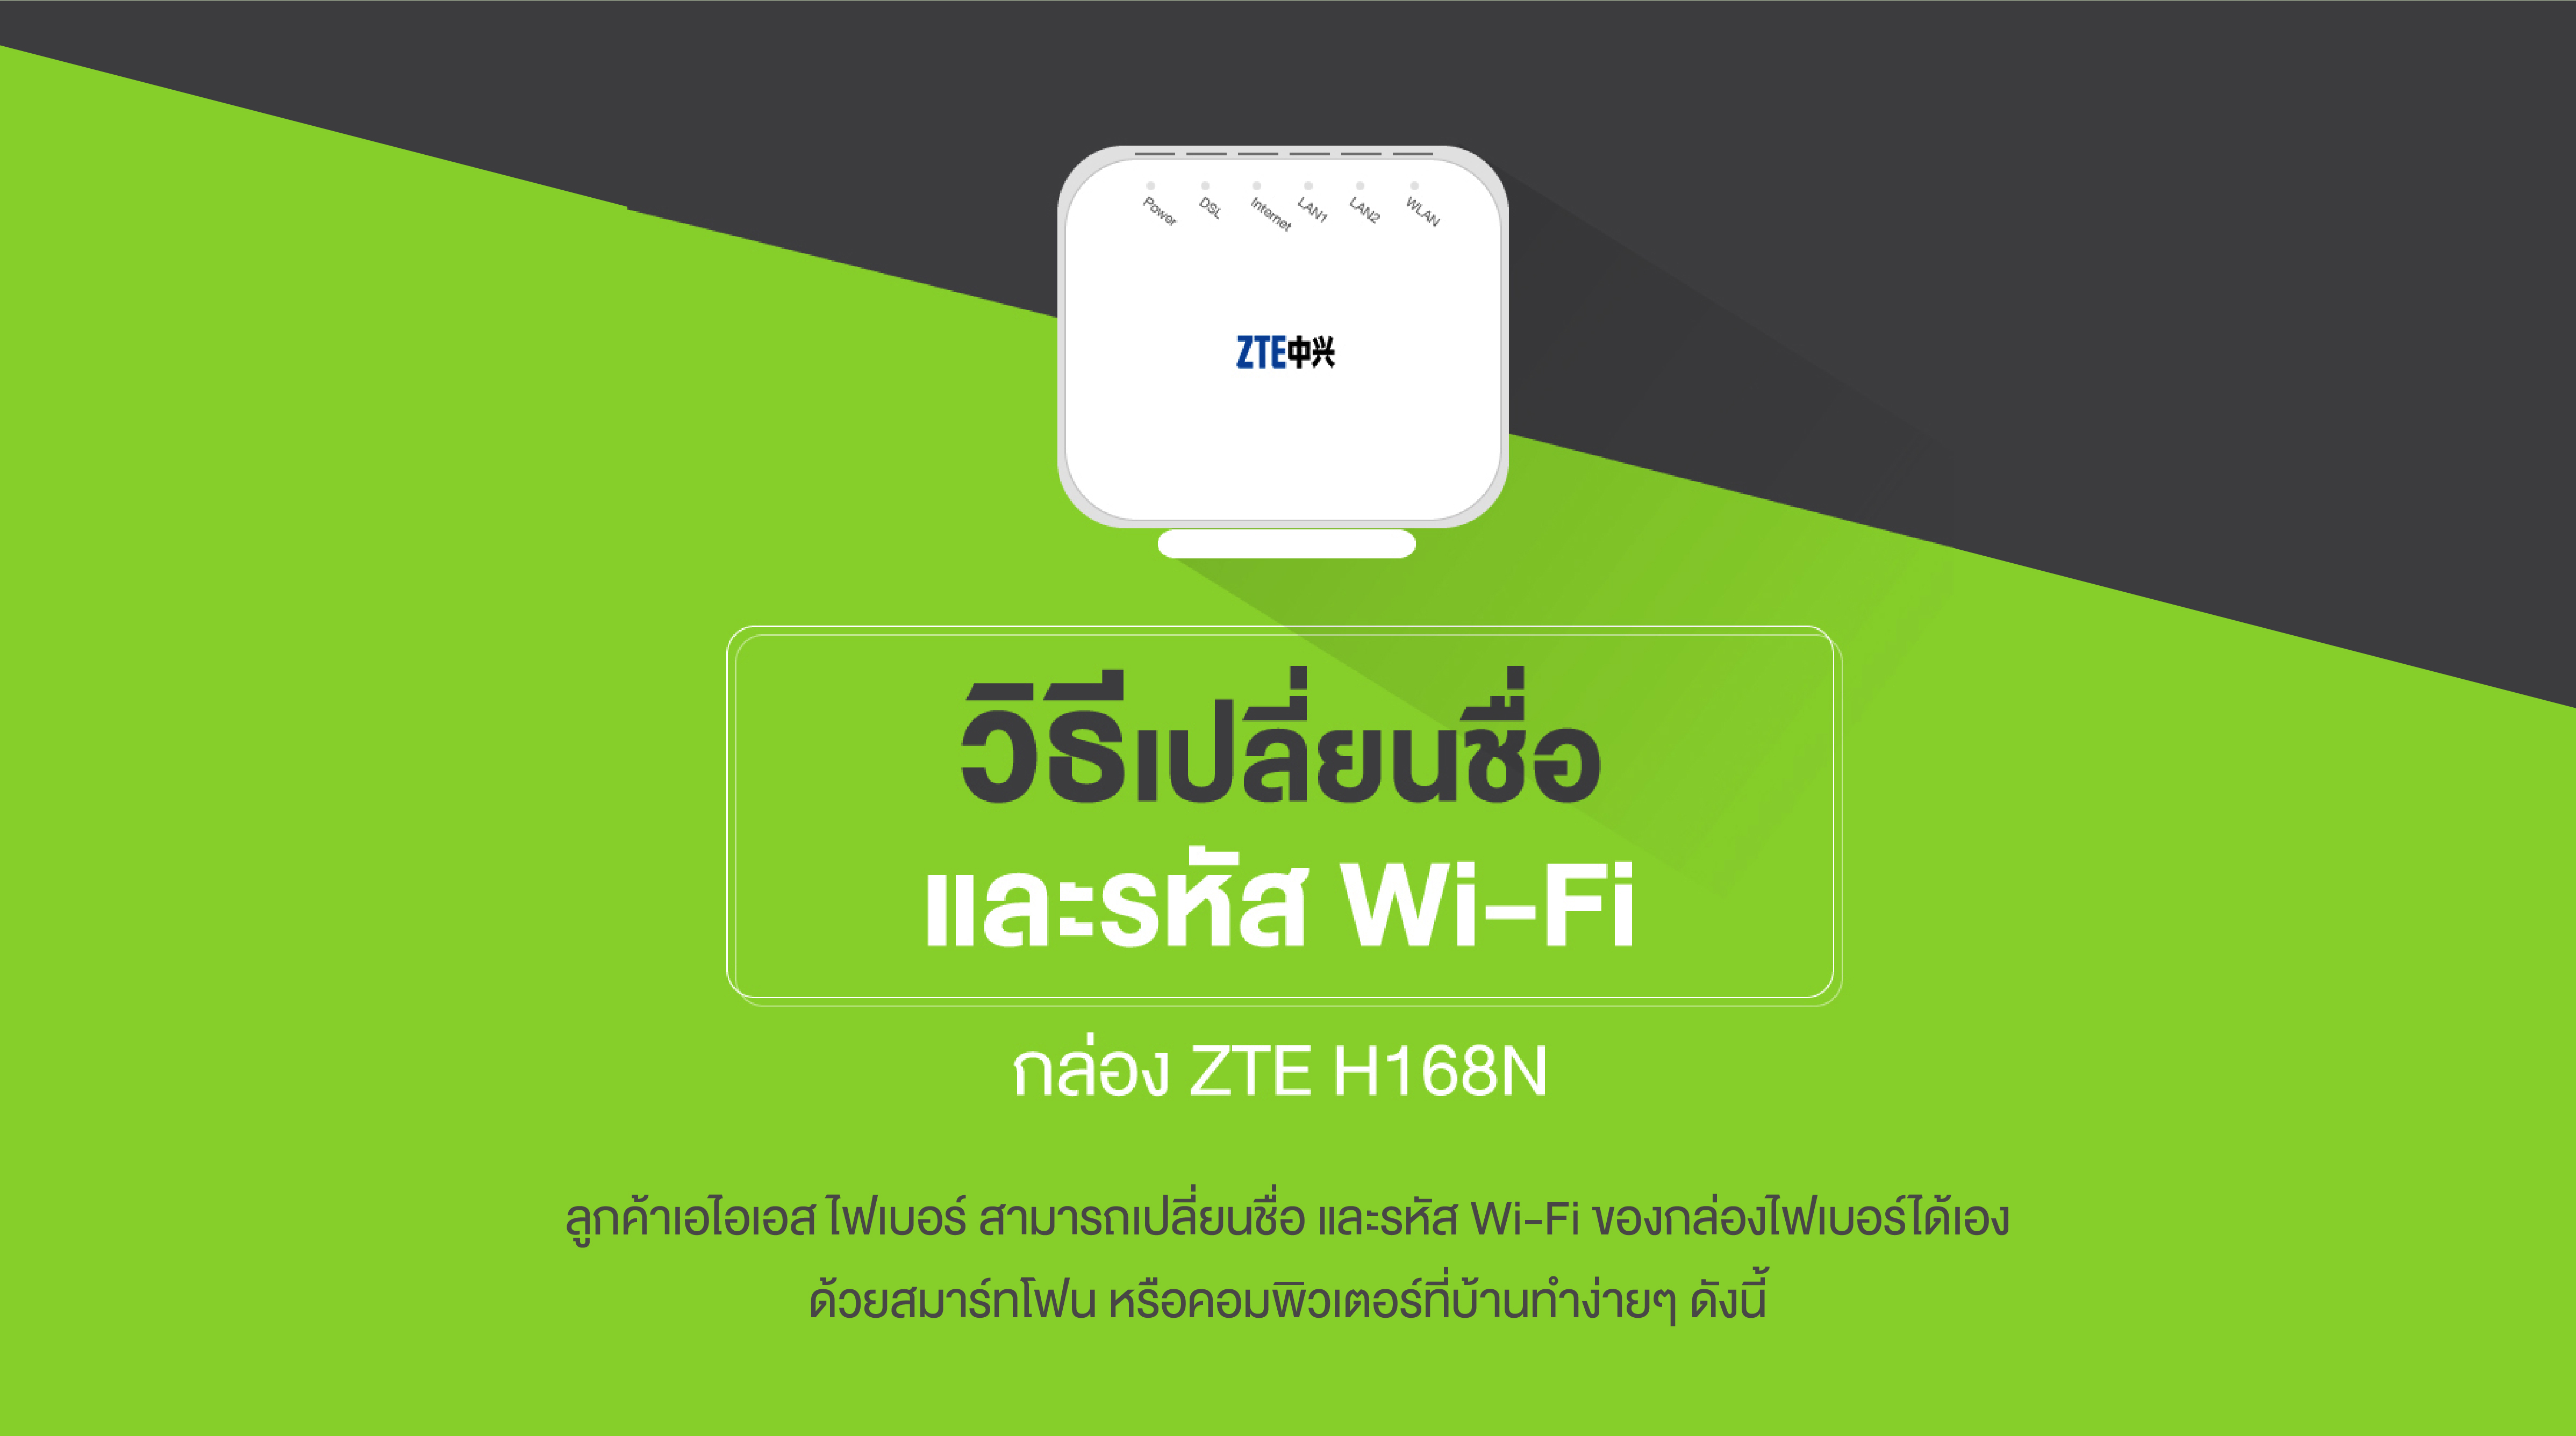 วิธีเปลี่ยนชื่อและเปลี่ยนรหัส WiFi กล่อง ZTEH168N